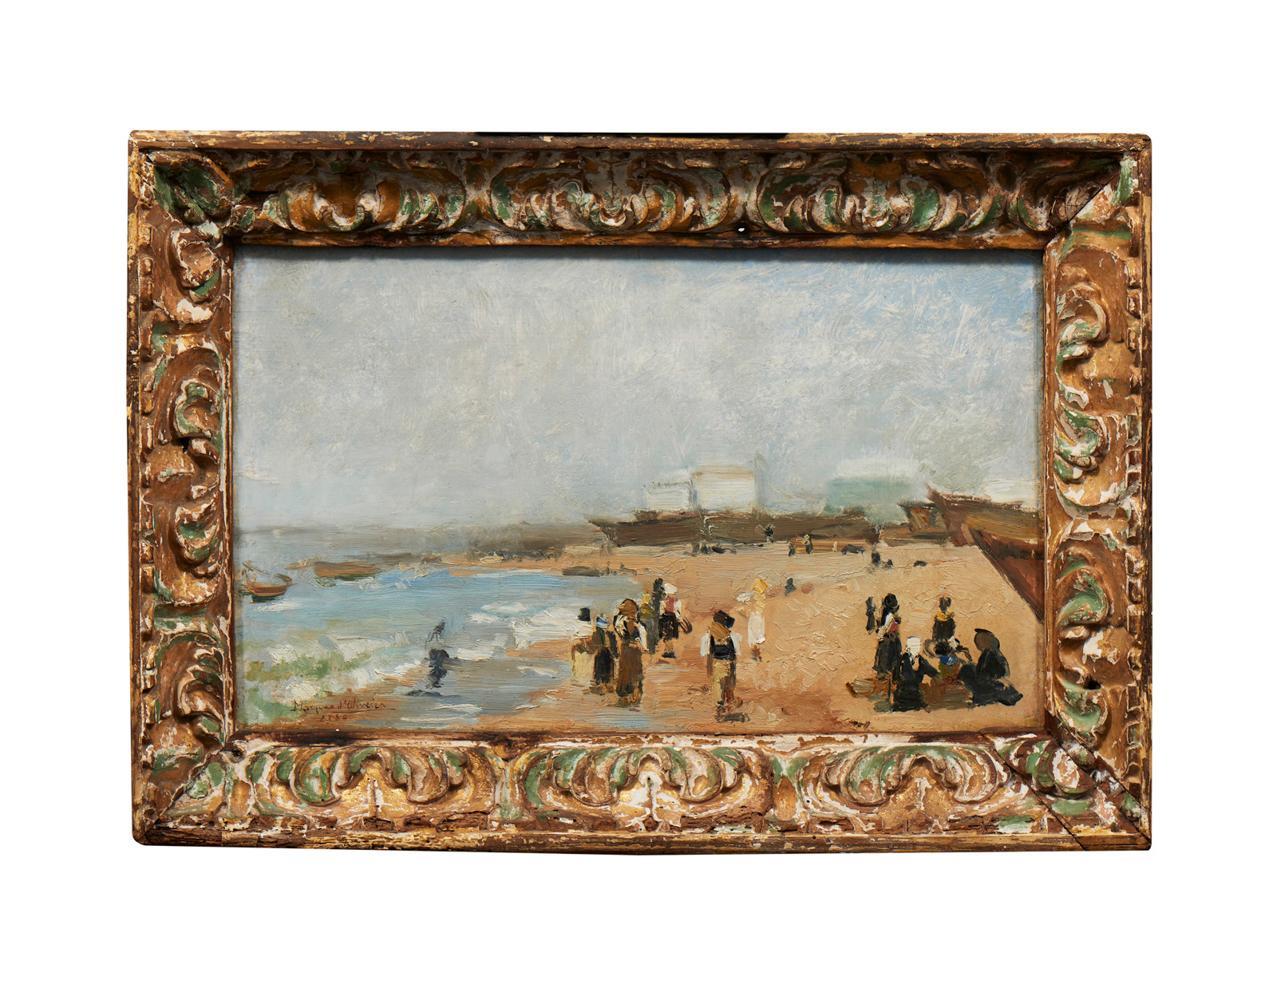 MARQUES DE OLIVEIRA, Óleo s/cartão, 23 x 38 cm